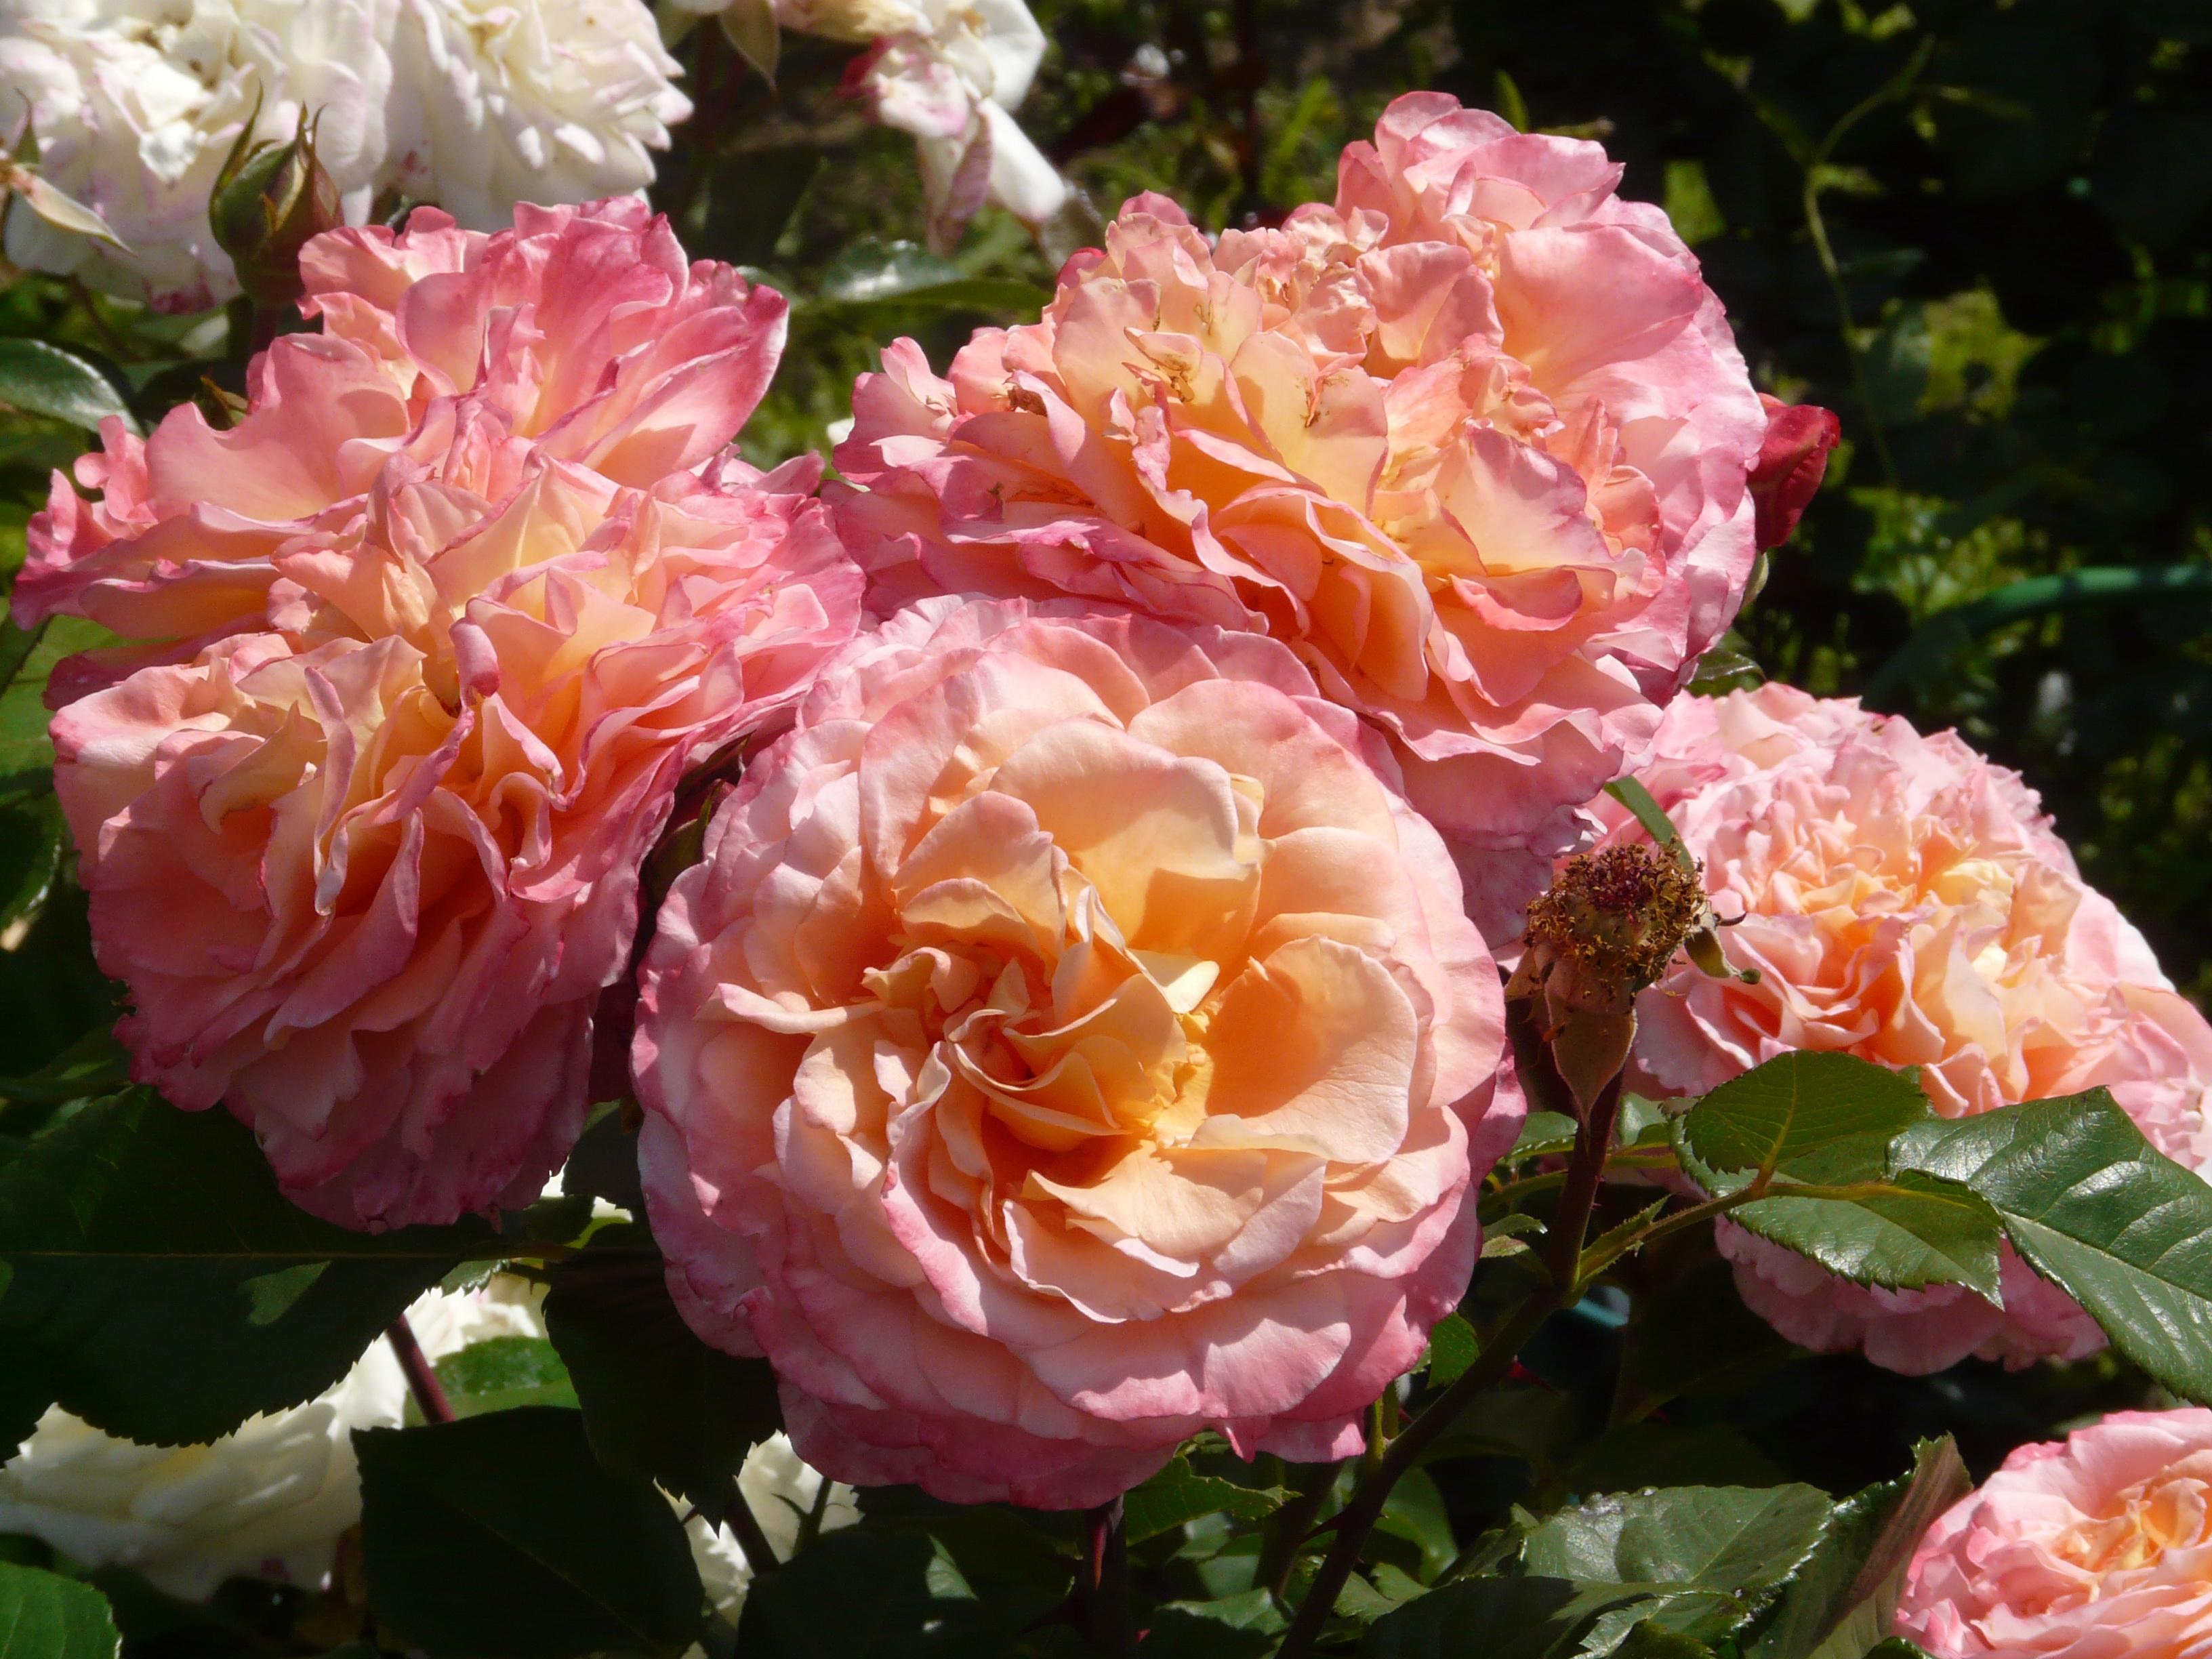 остаются стороне роза августа луиза фото и описание отзывы упустите возможность повеселить